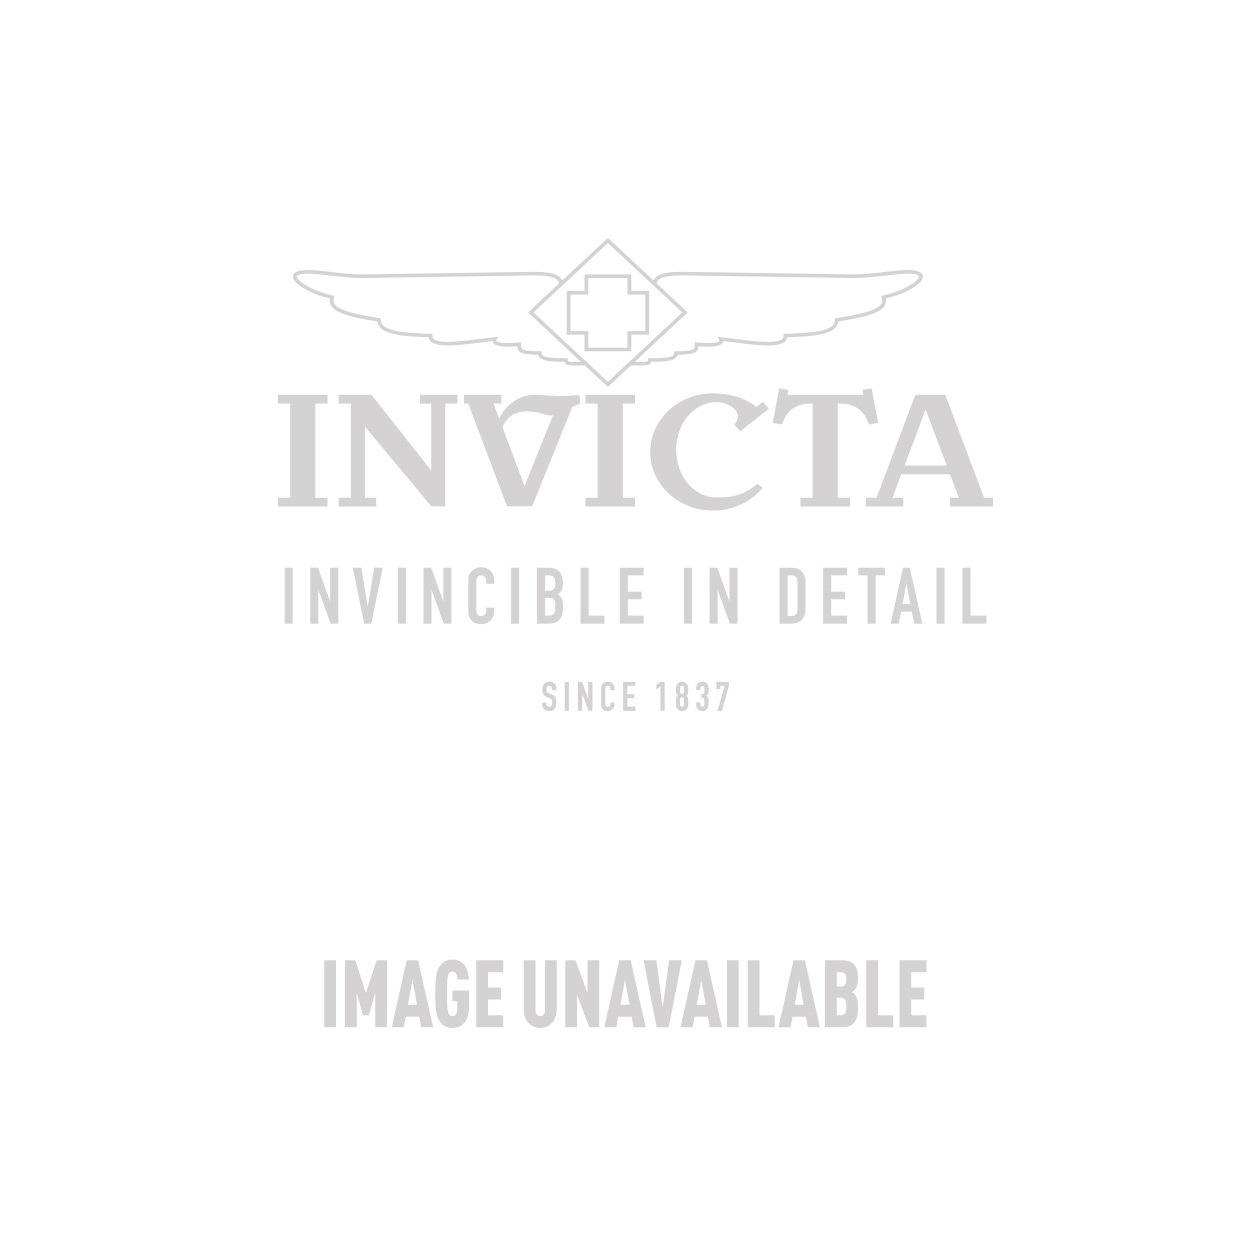 Invicta Model 28171